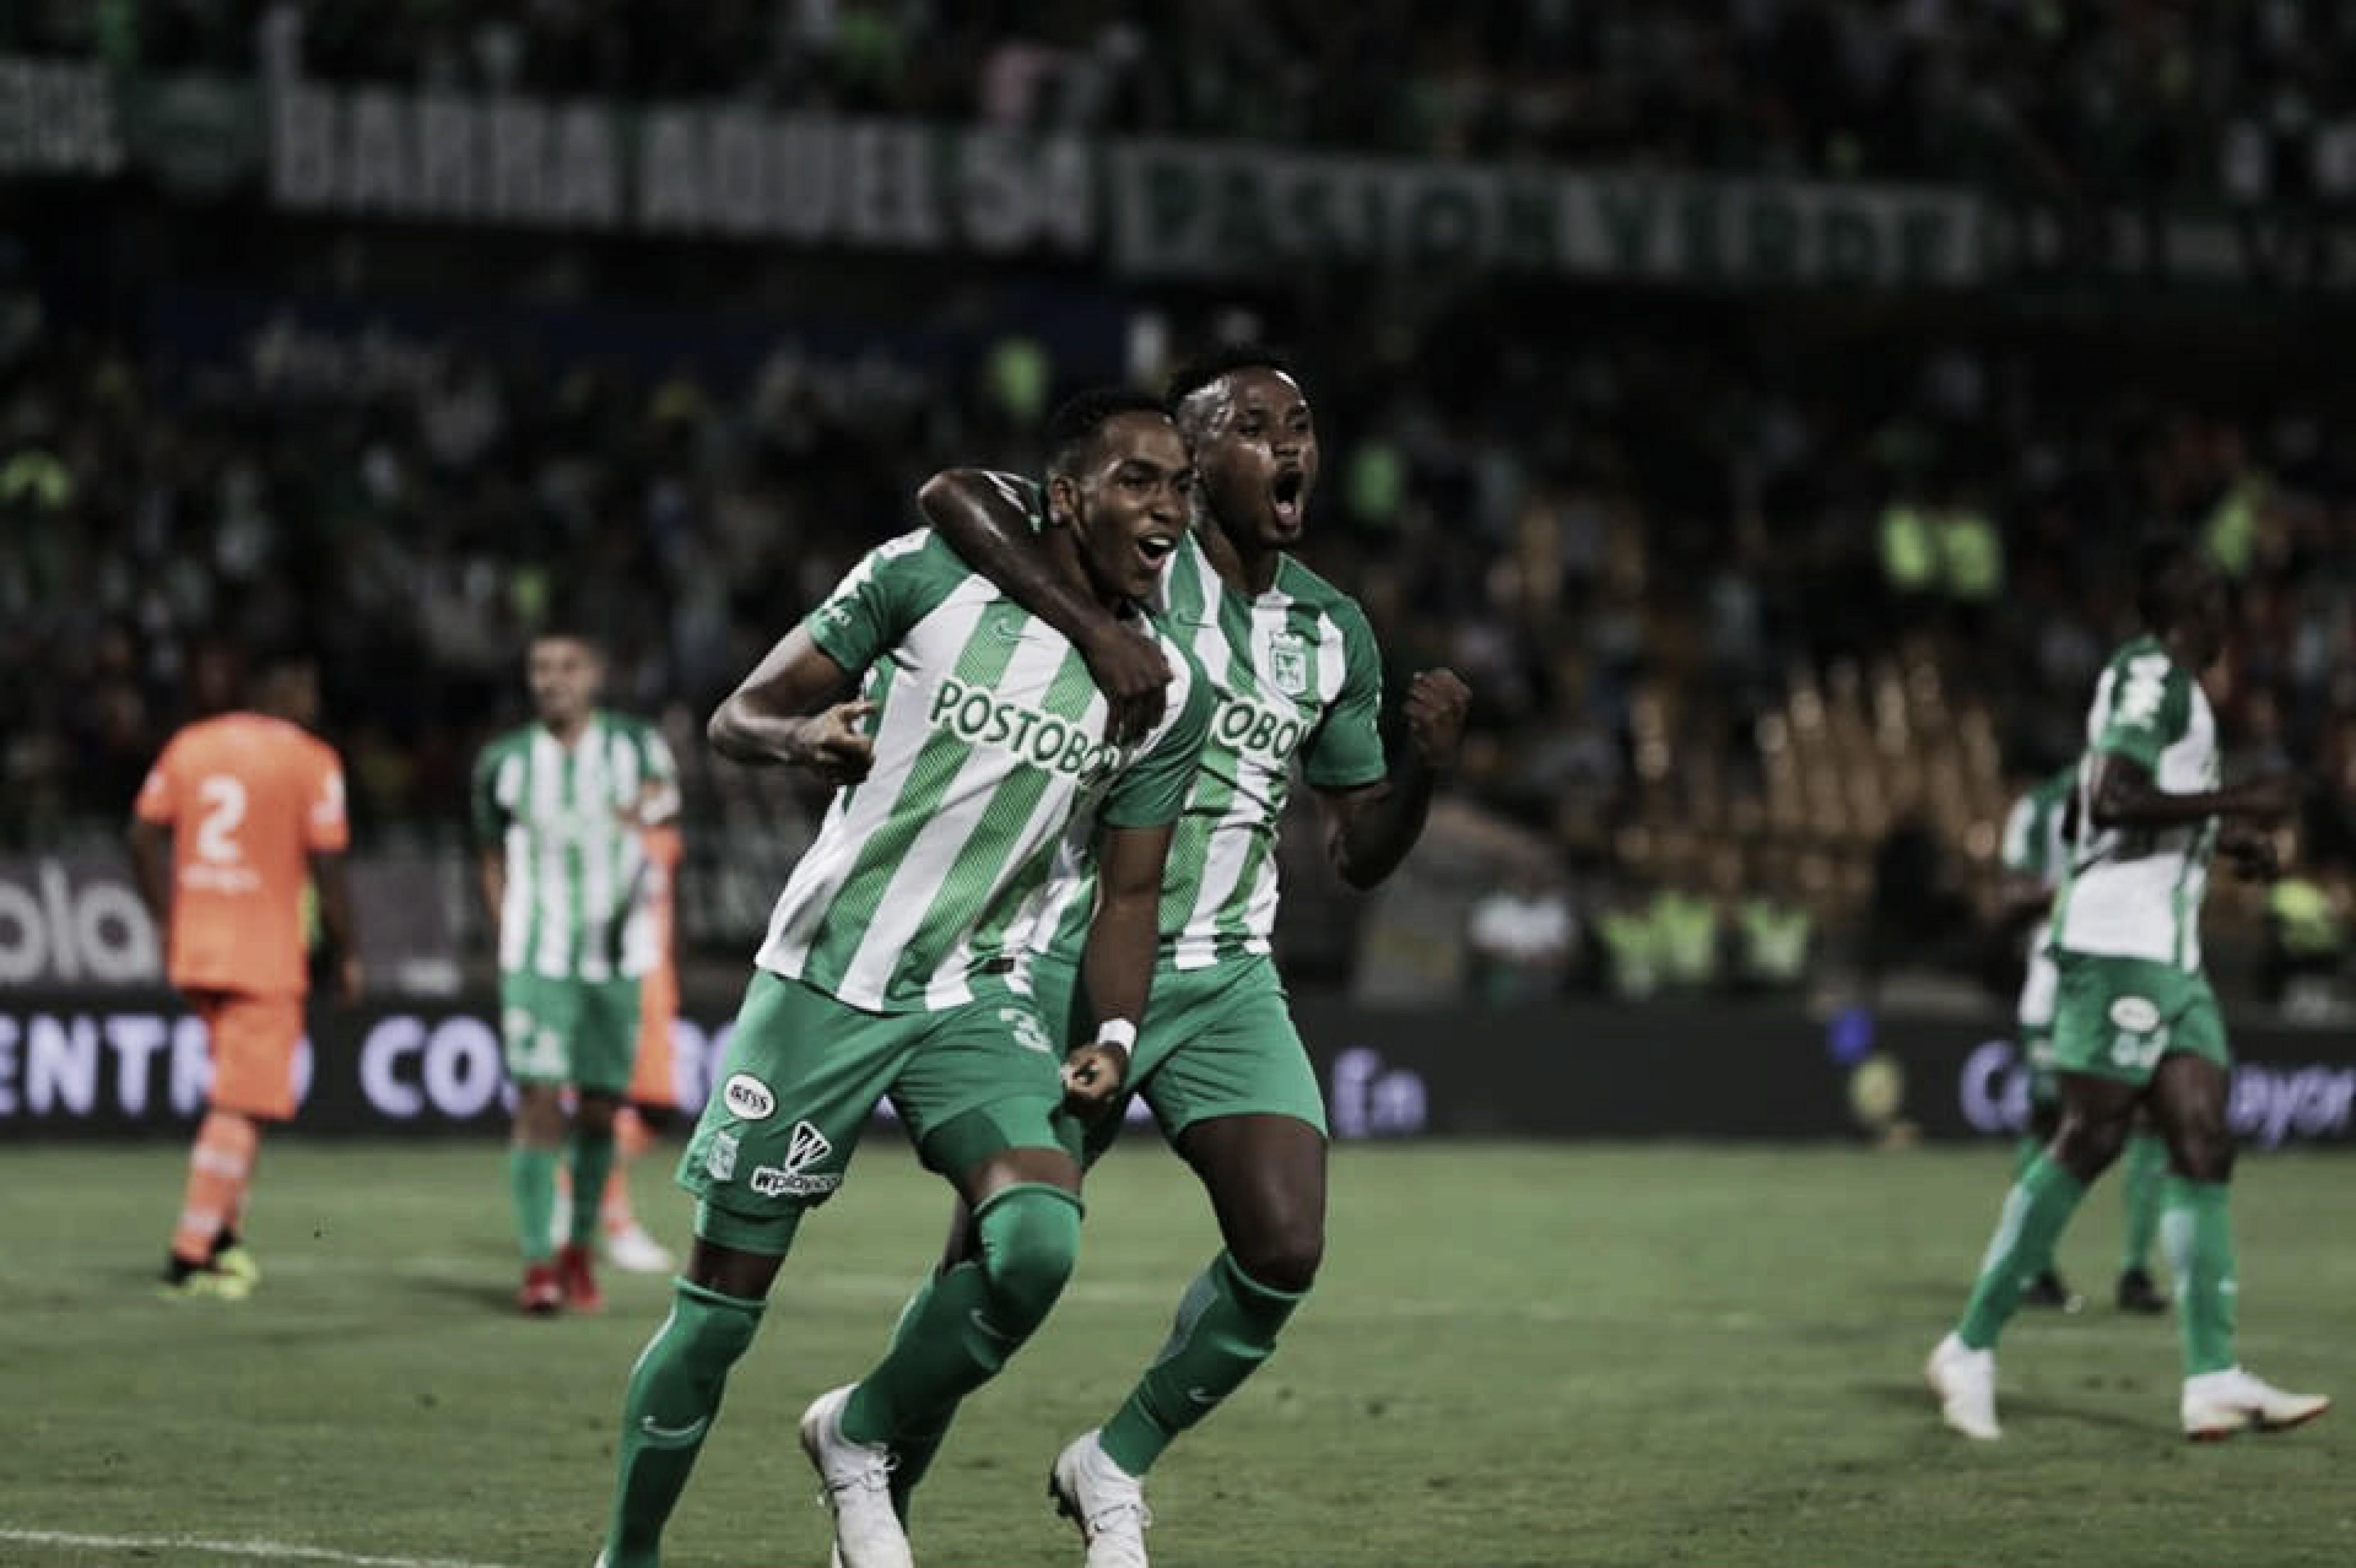 Con juego práctico y contundente, Nacional superó a Envigado FC